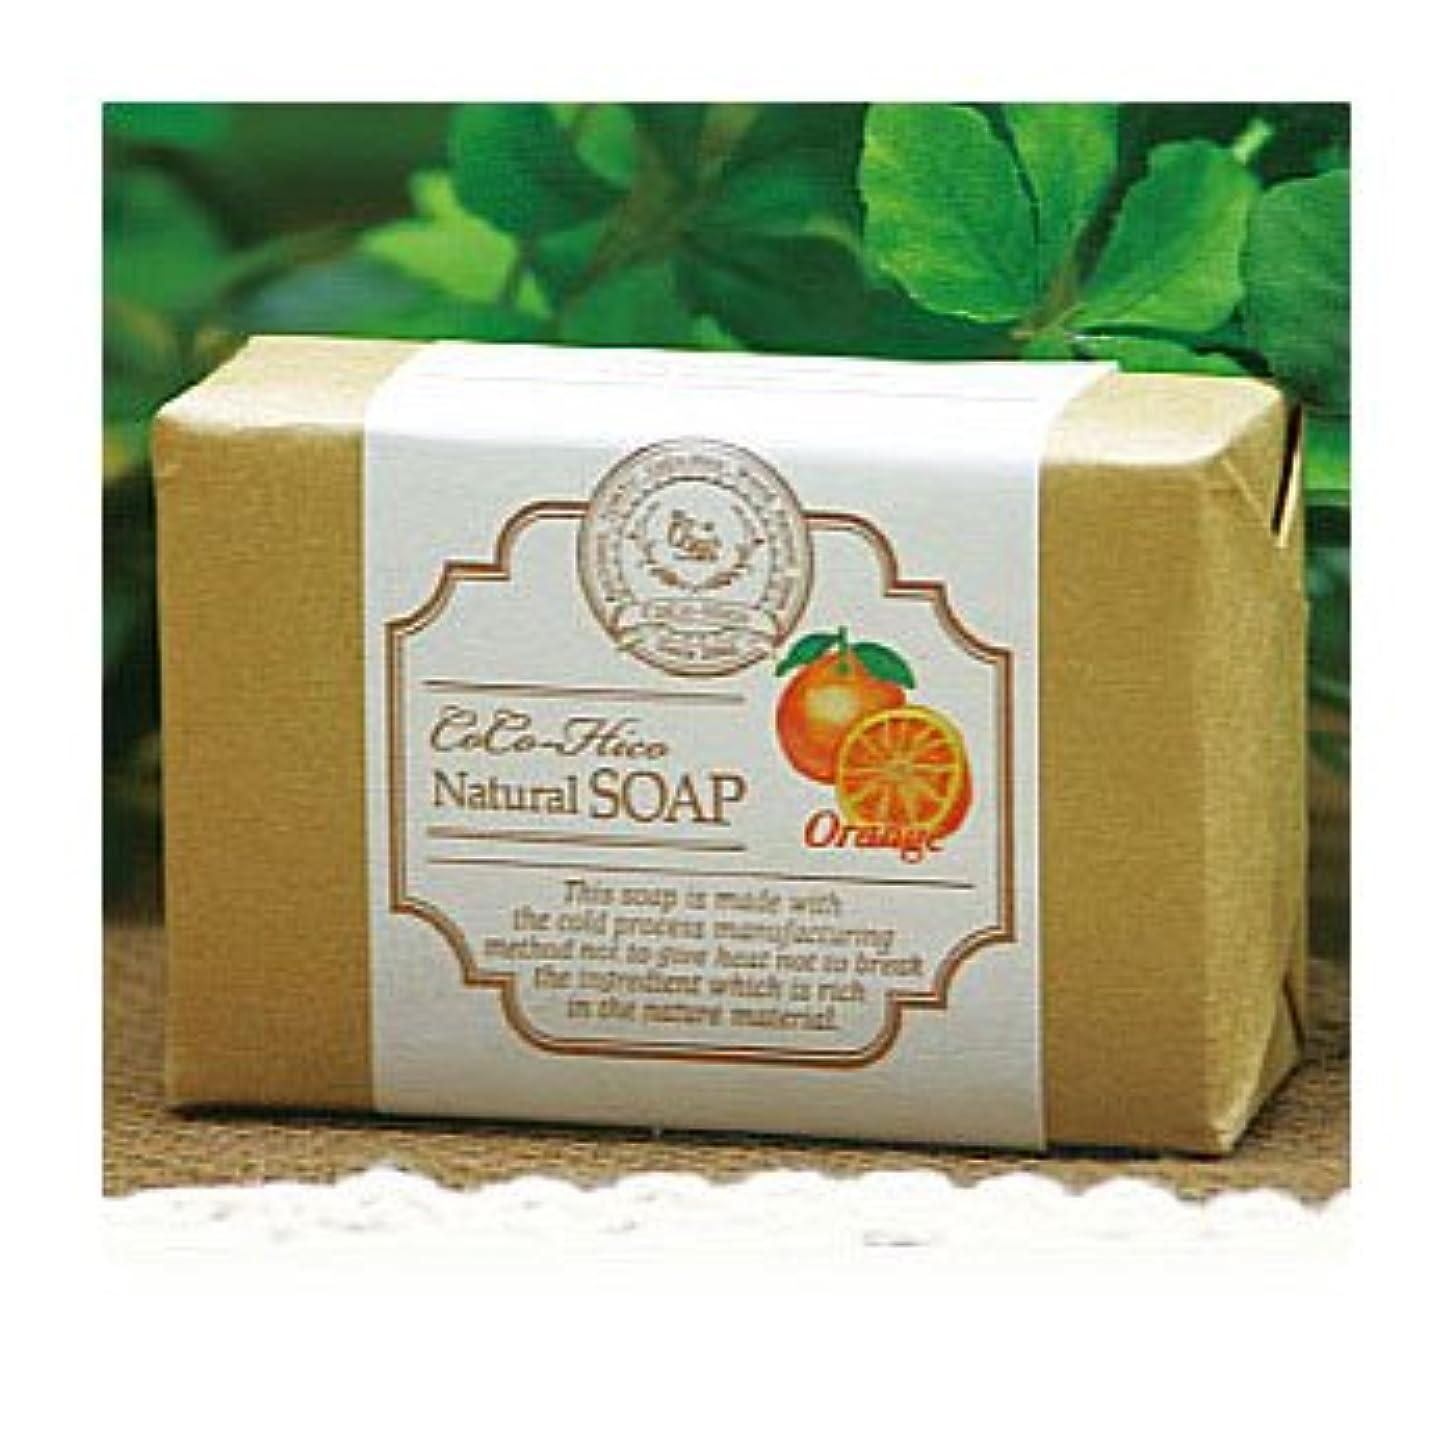 頬骨分散普及【無添加 手作り 生せっけん】-CoCo-Hico SOAP-ココヒコ生せっけん オレンジ